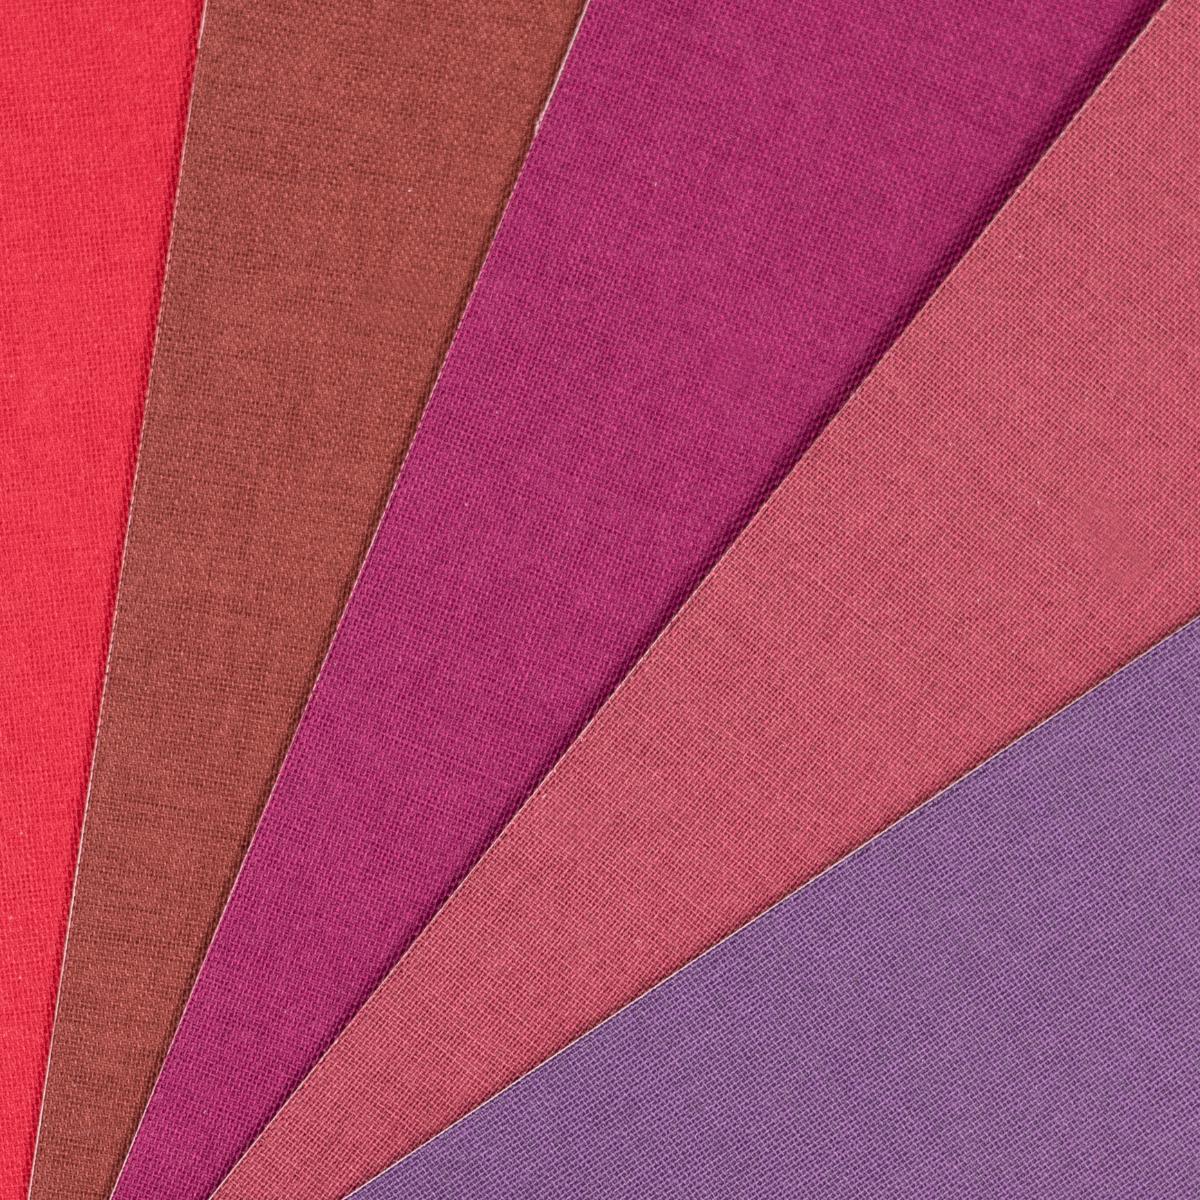 Crescent Select Linens